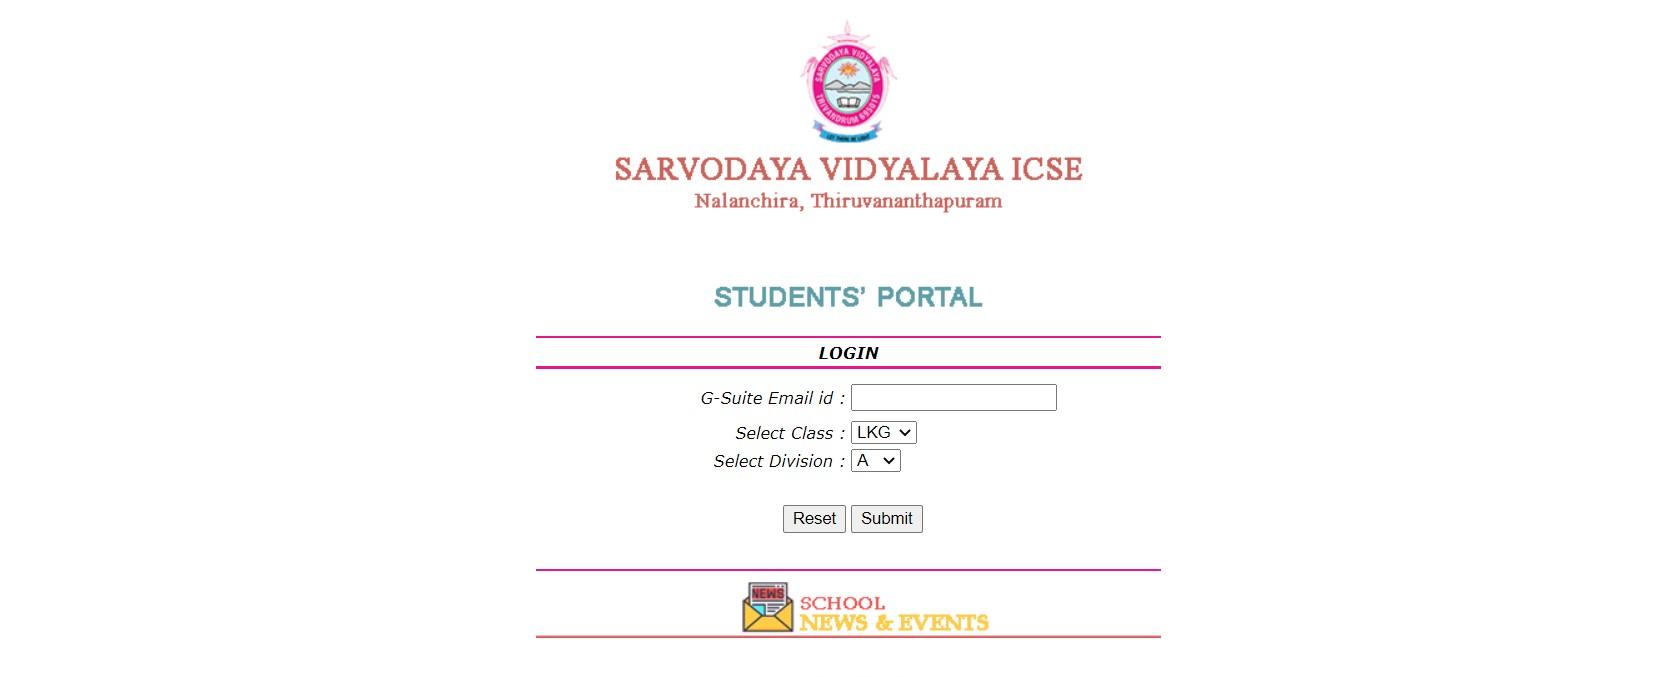 Sarvodaya Student portal sign in